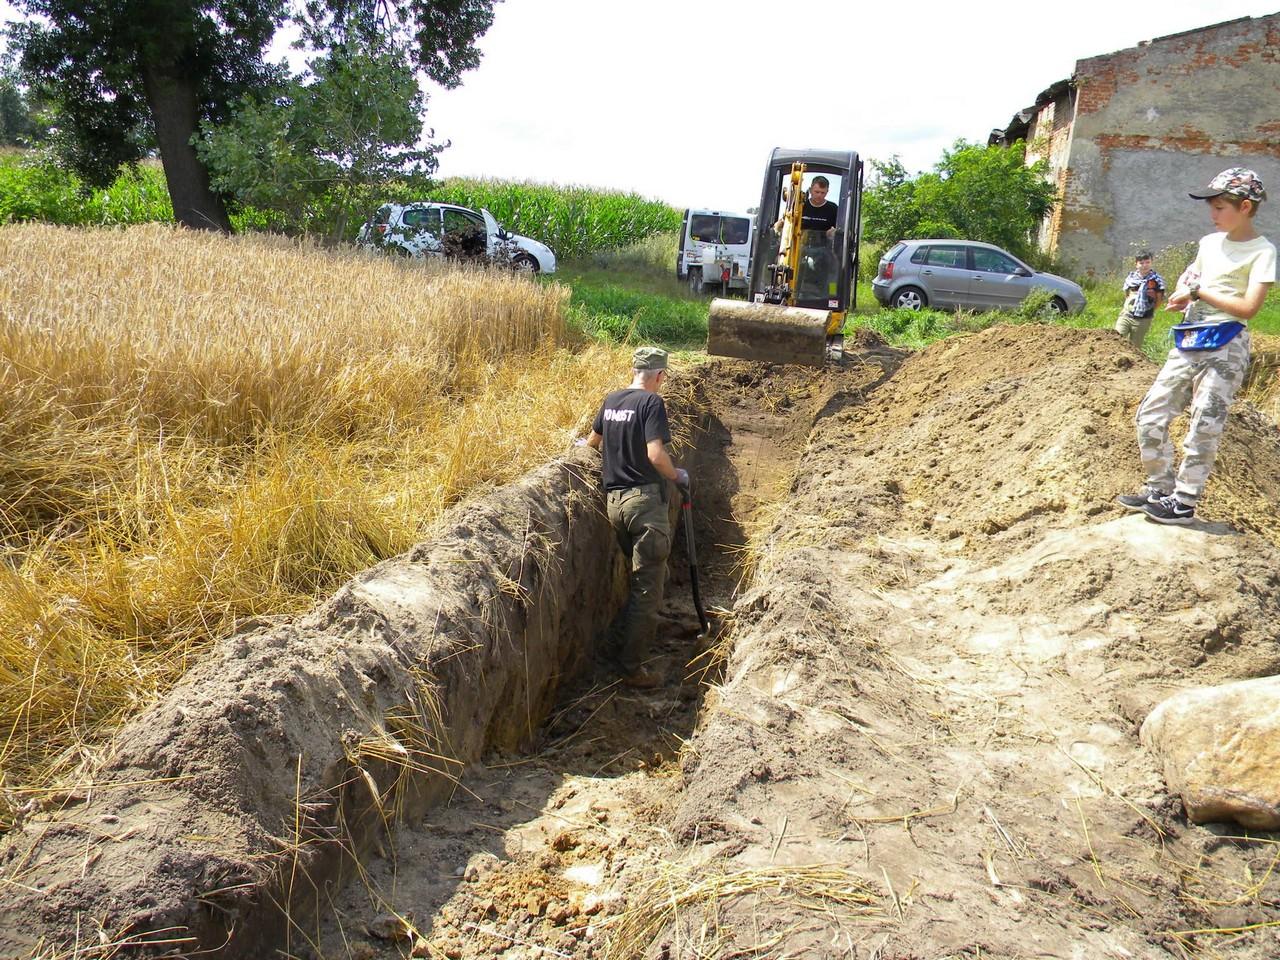 Odkryli szczątki dwóch mężczyzn na jednym z pól we Wszołowie. Kim byli? - Zdjęcie główne